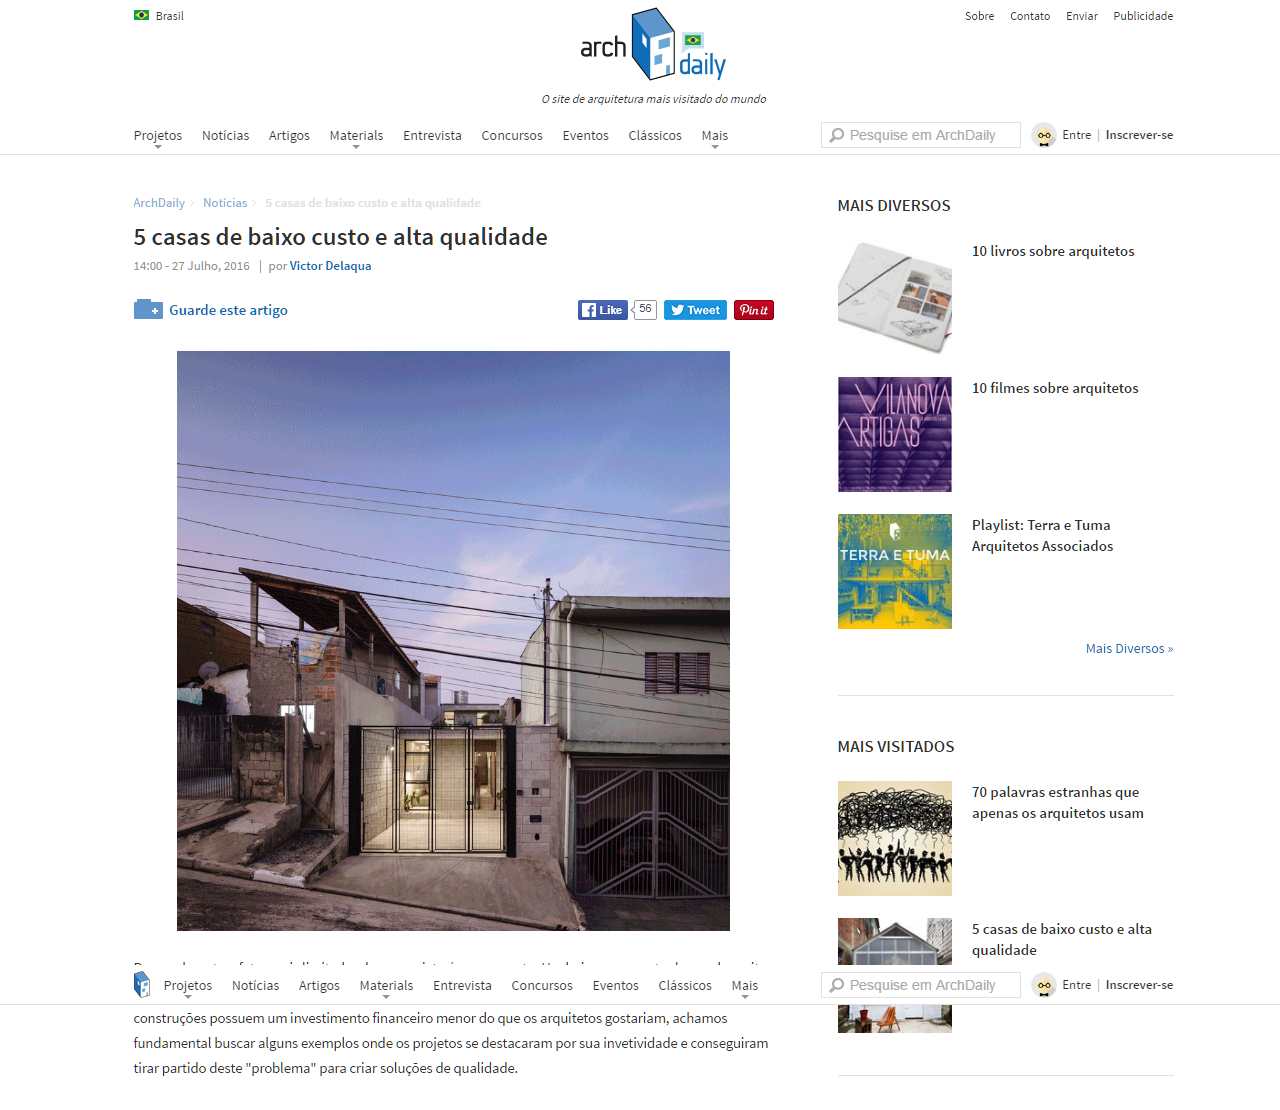 Casa Calha - 5 casas de baixo custo e alta qualidade - ArchDaily Brasil - 28 07 2016